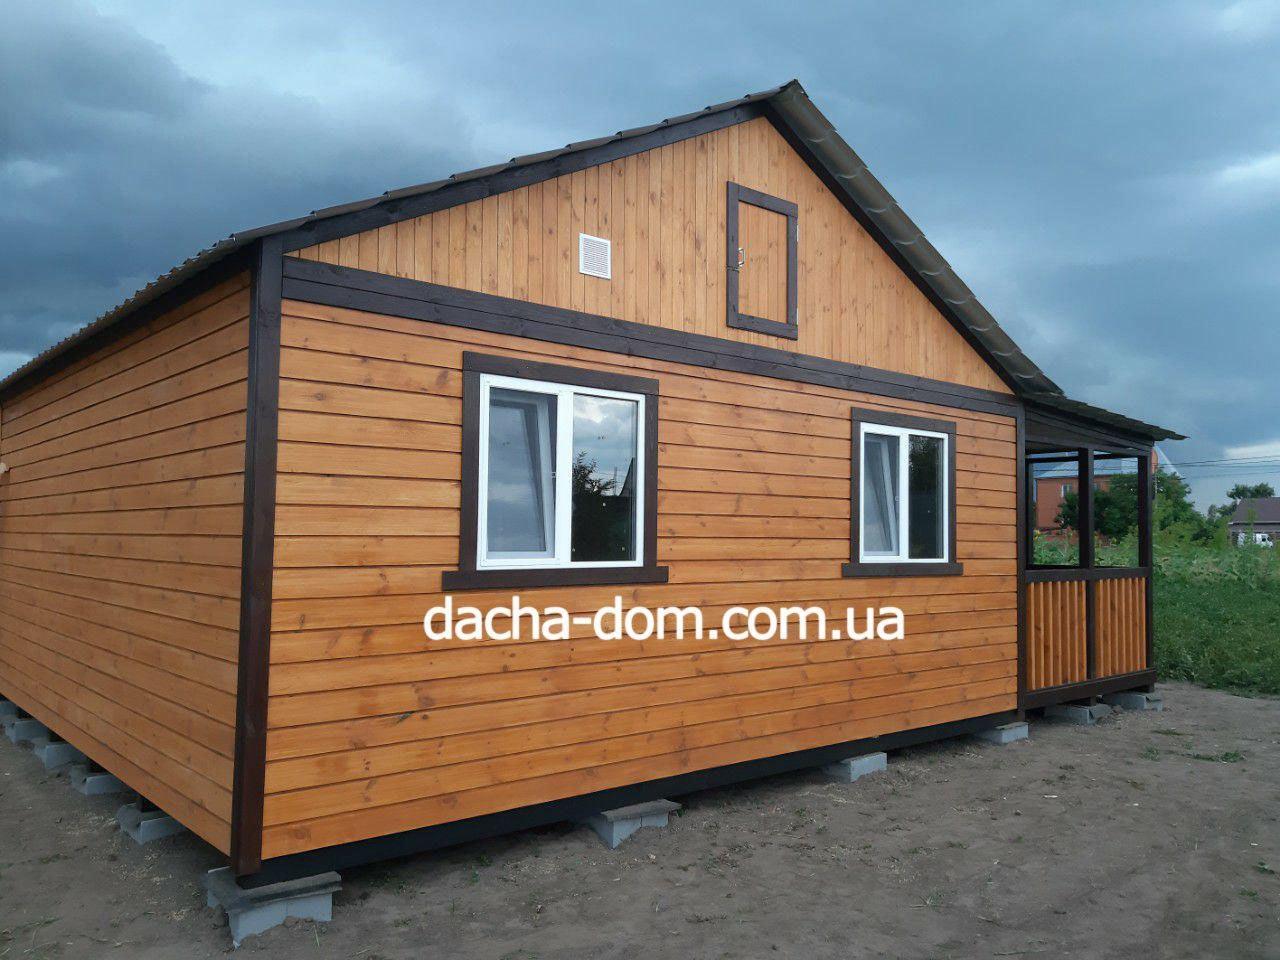 Дачний(садовий) будиночок Нові матеріали обробки Нова ціна.